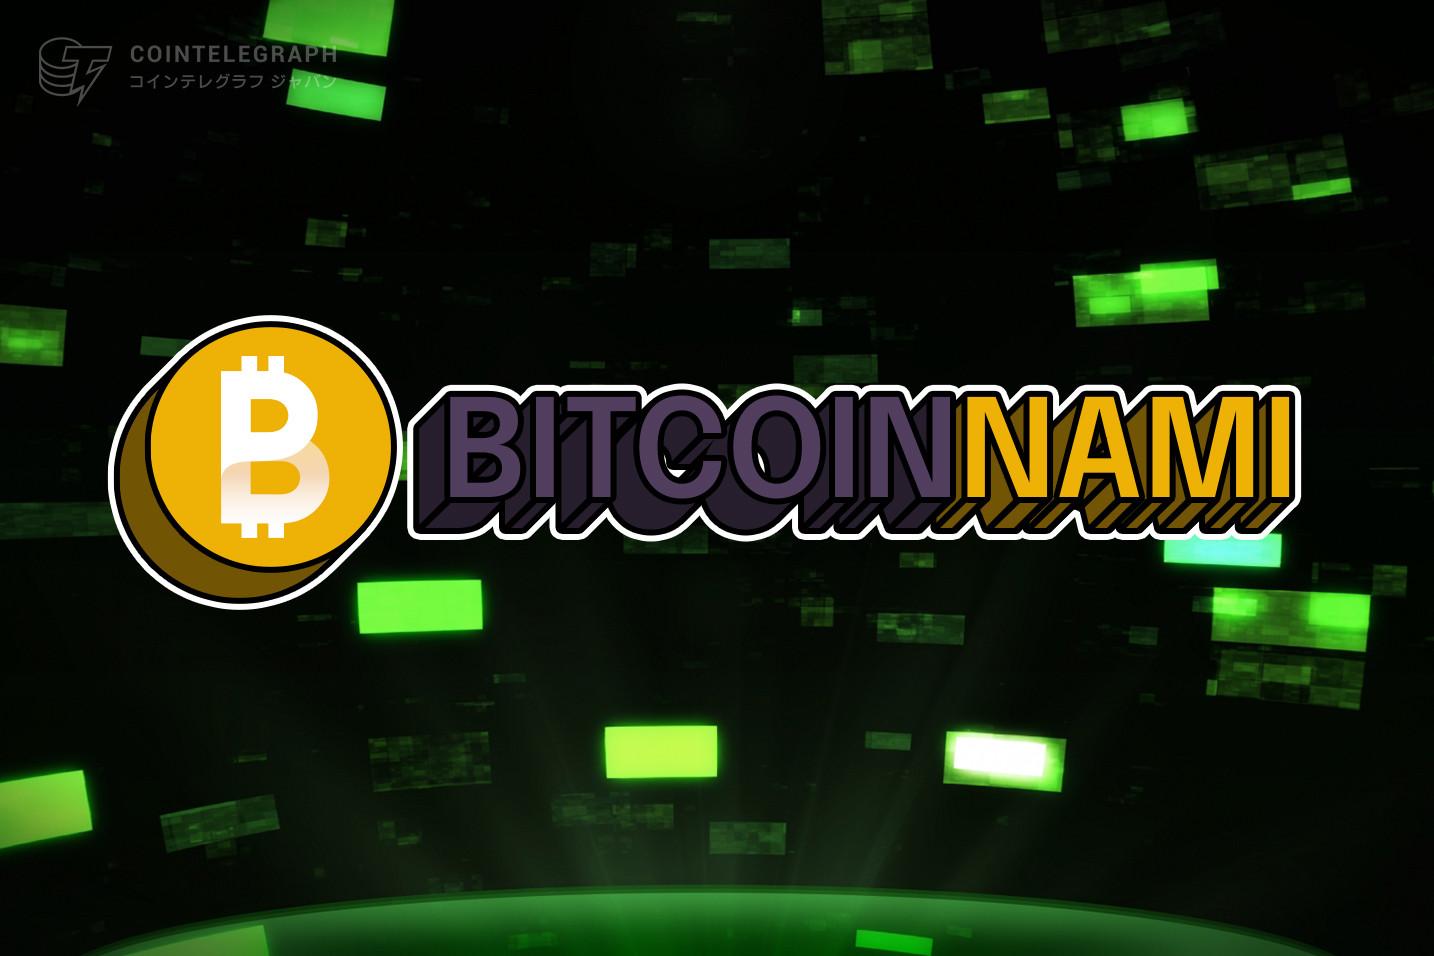 Blockinvest Ventures がBitcoinnamiの開発のために3億ドルの資金を調達